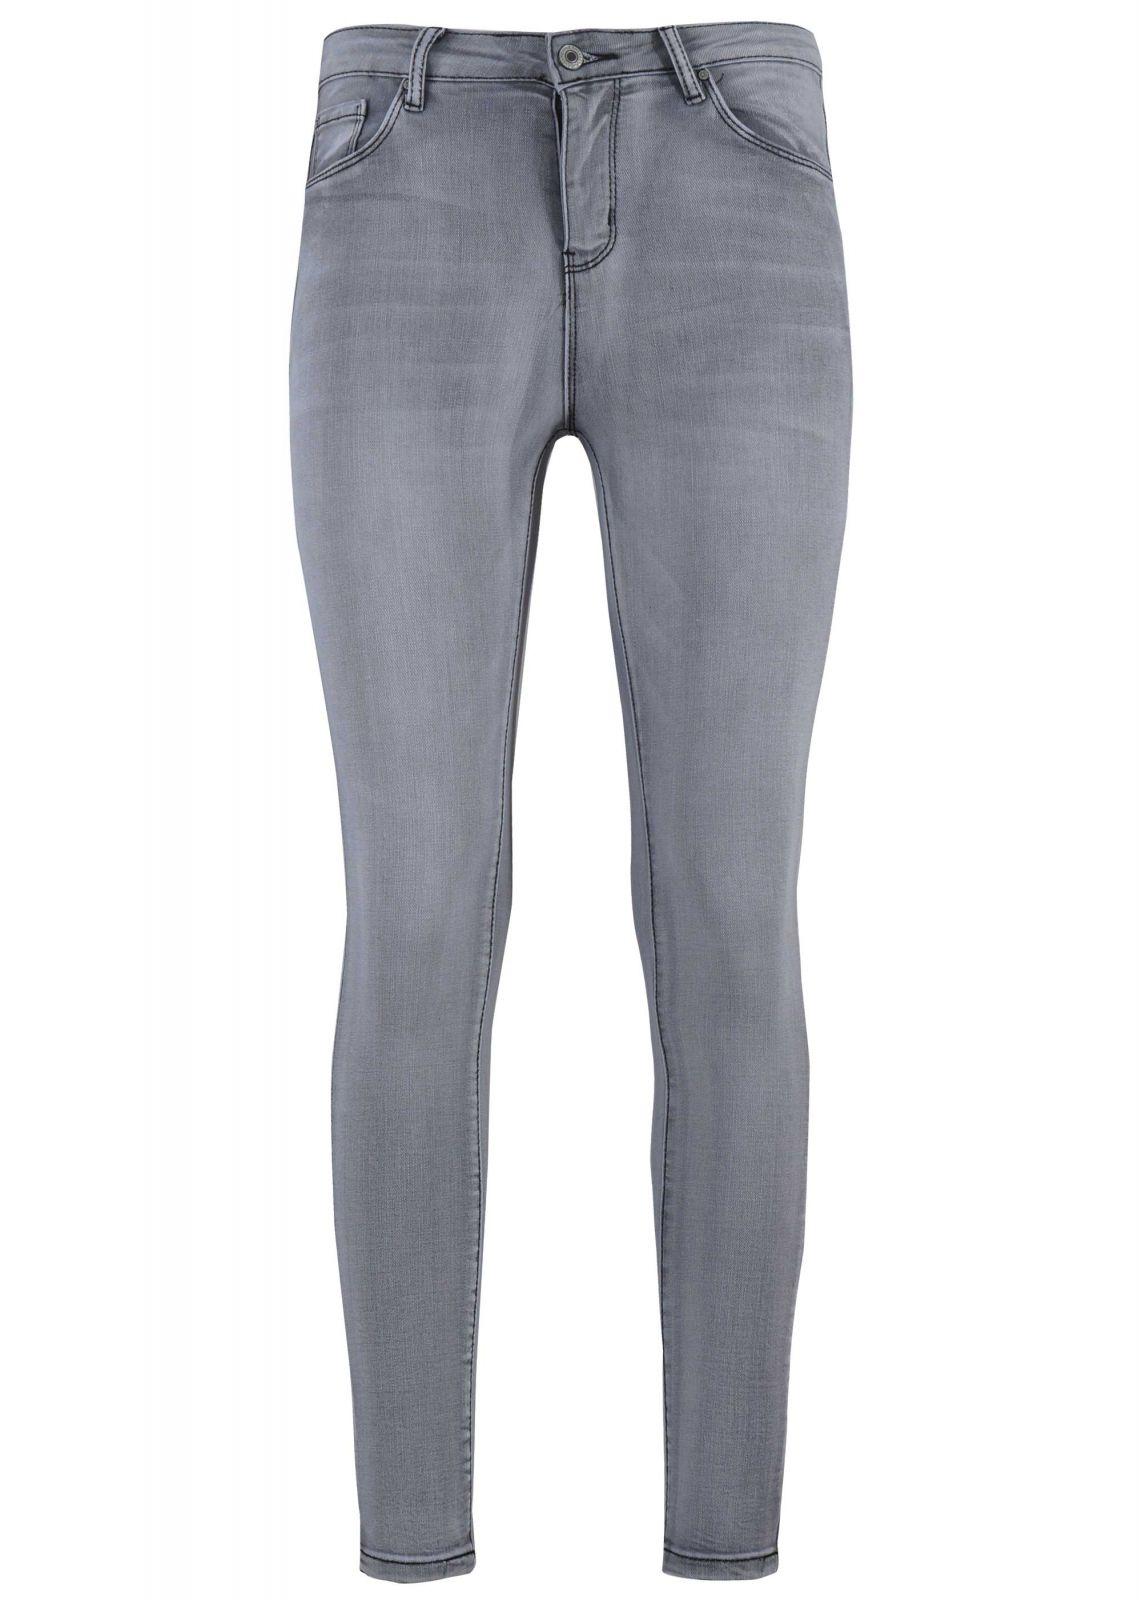 Γυναικείο παντελόνι jean skinny ελαστικό. Denim Collection ΓΚΡΙ